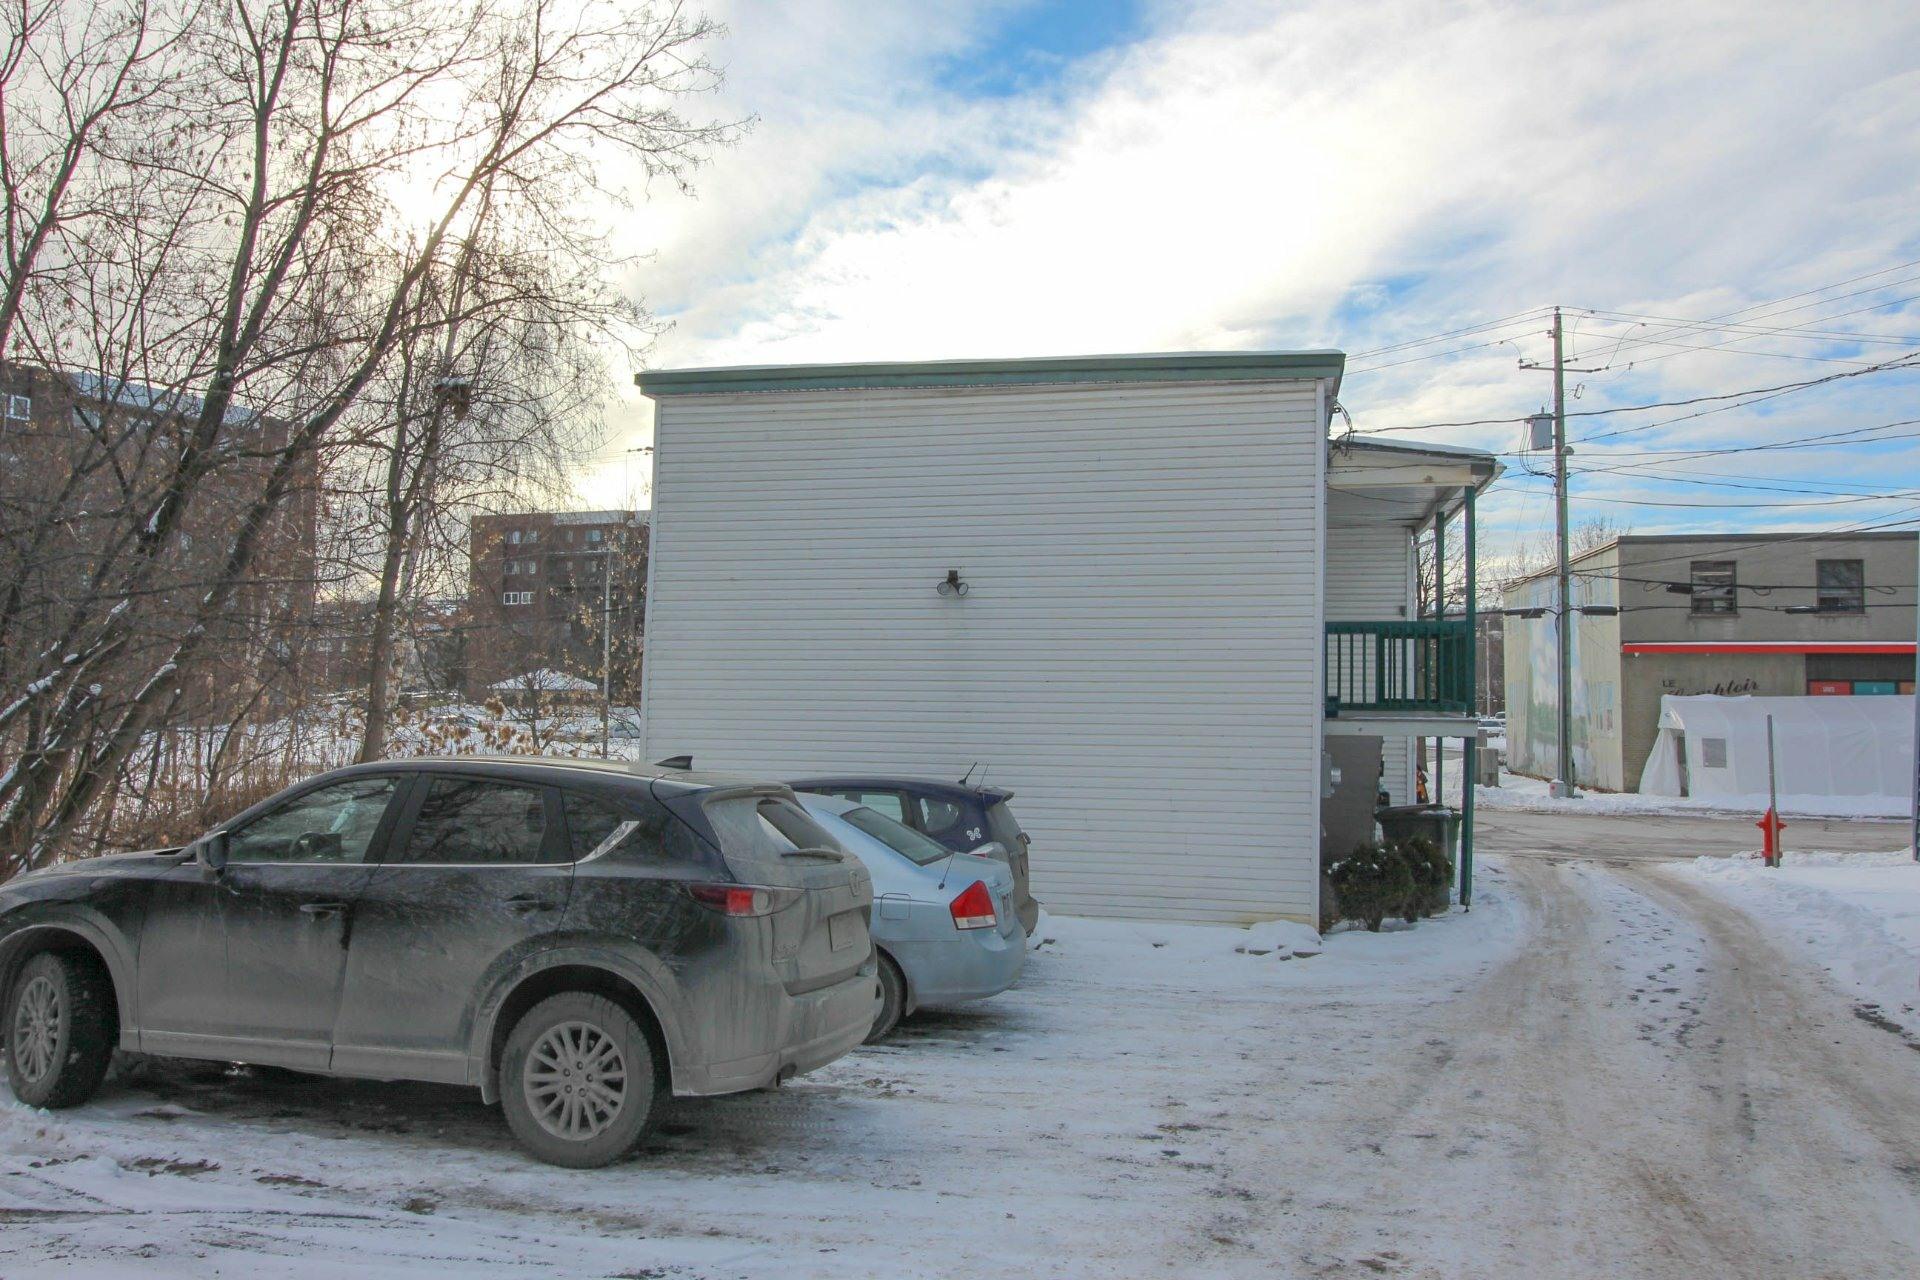 image 29 - Duplex À vendre Fleurimont Sherbrooke  - 4 pièces